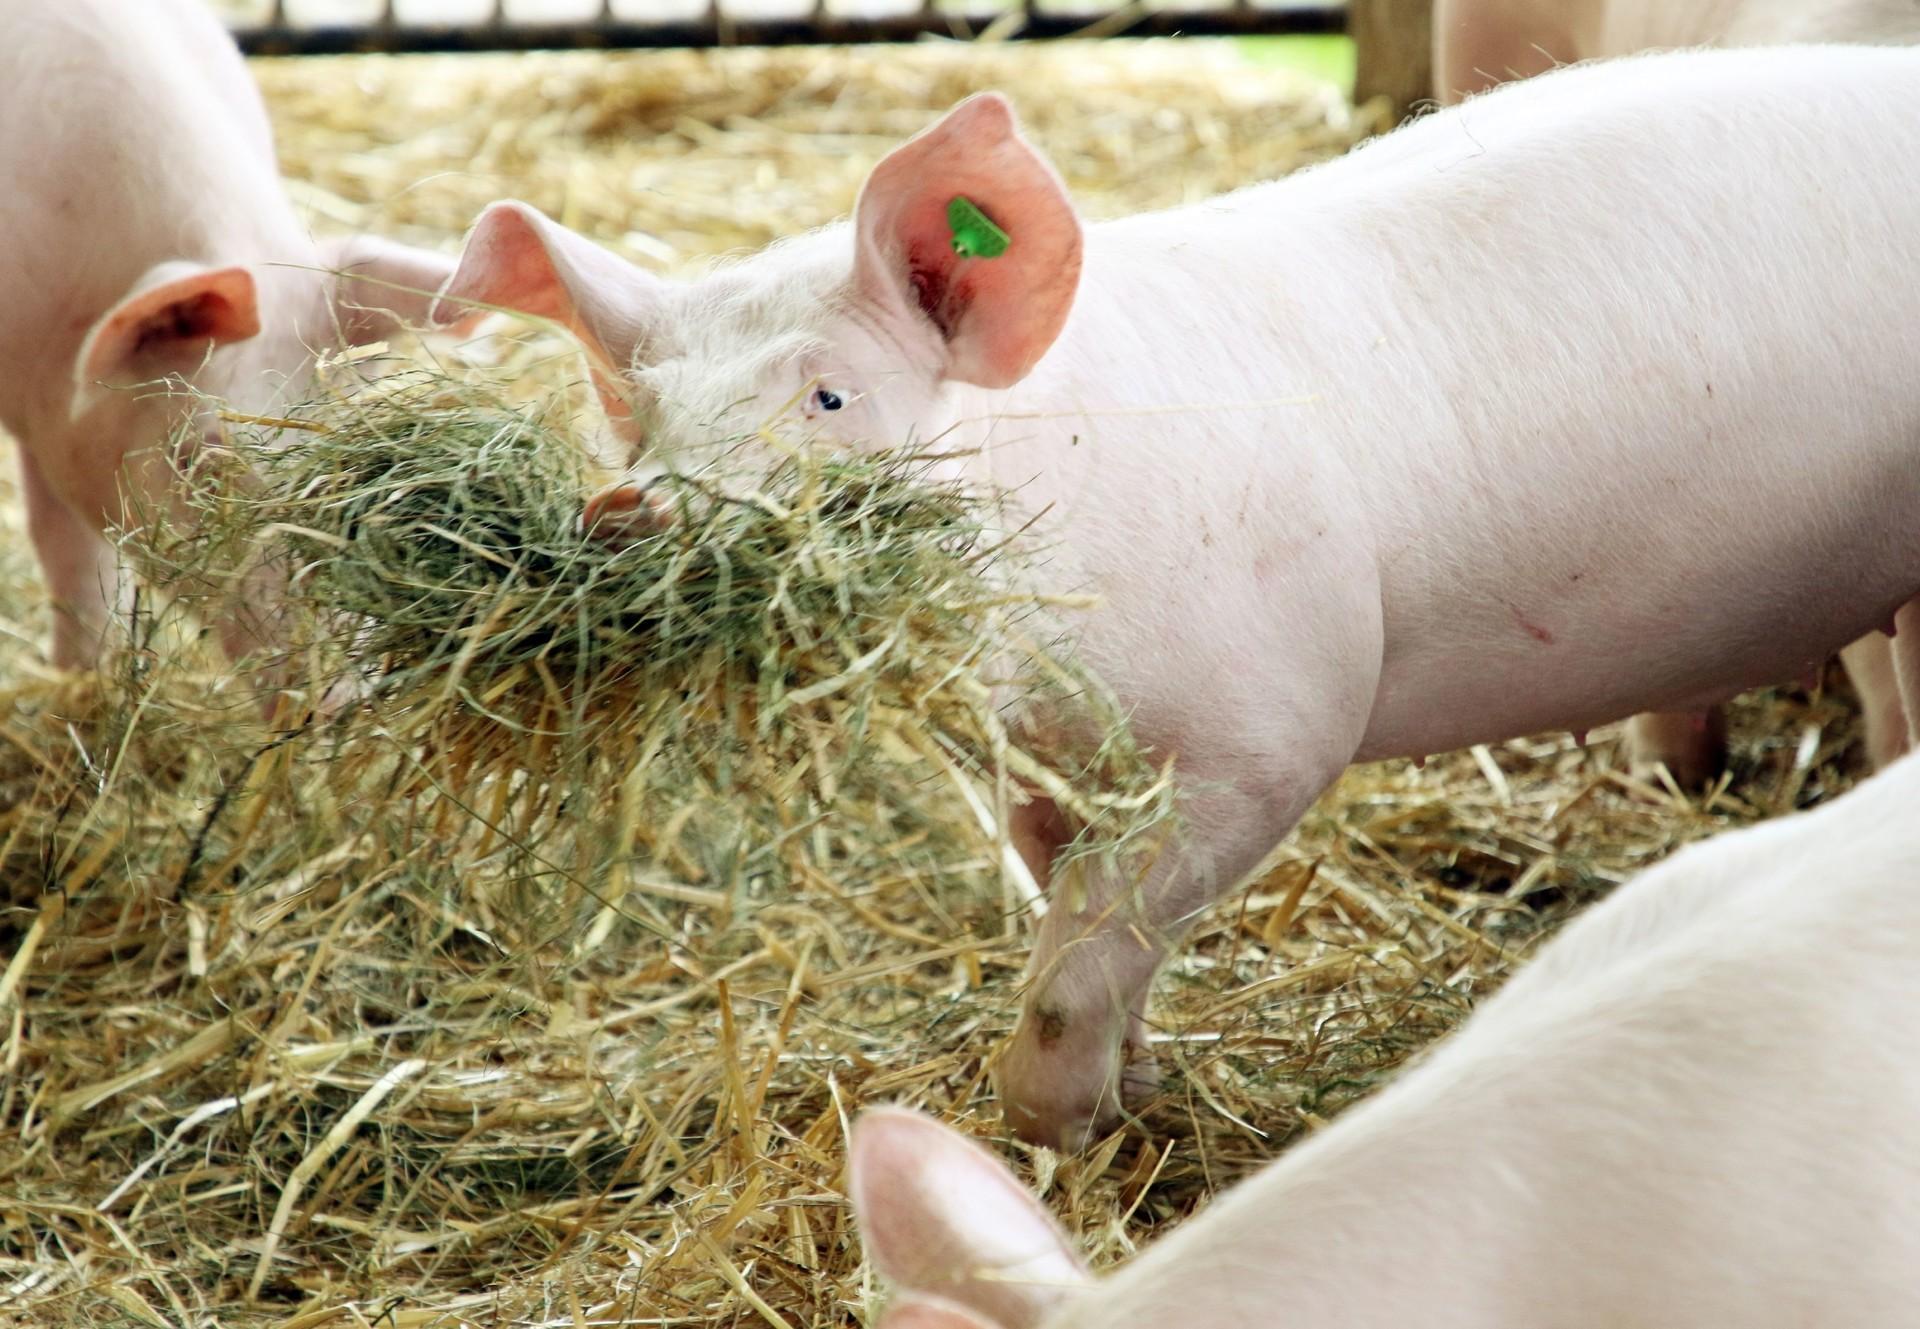 Schweine spielen im Stroh